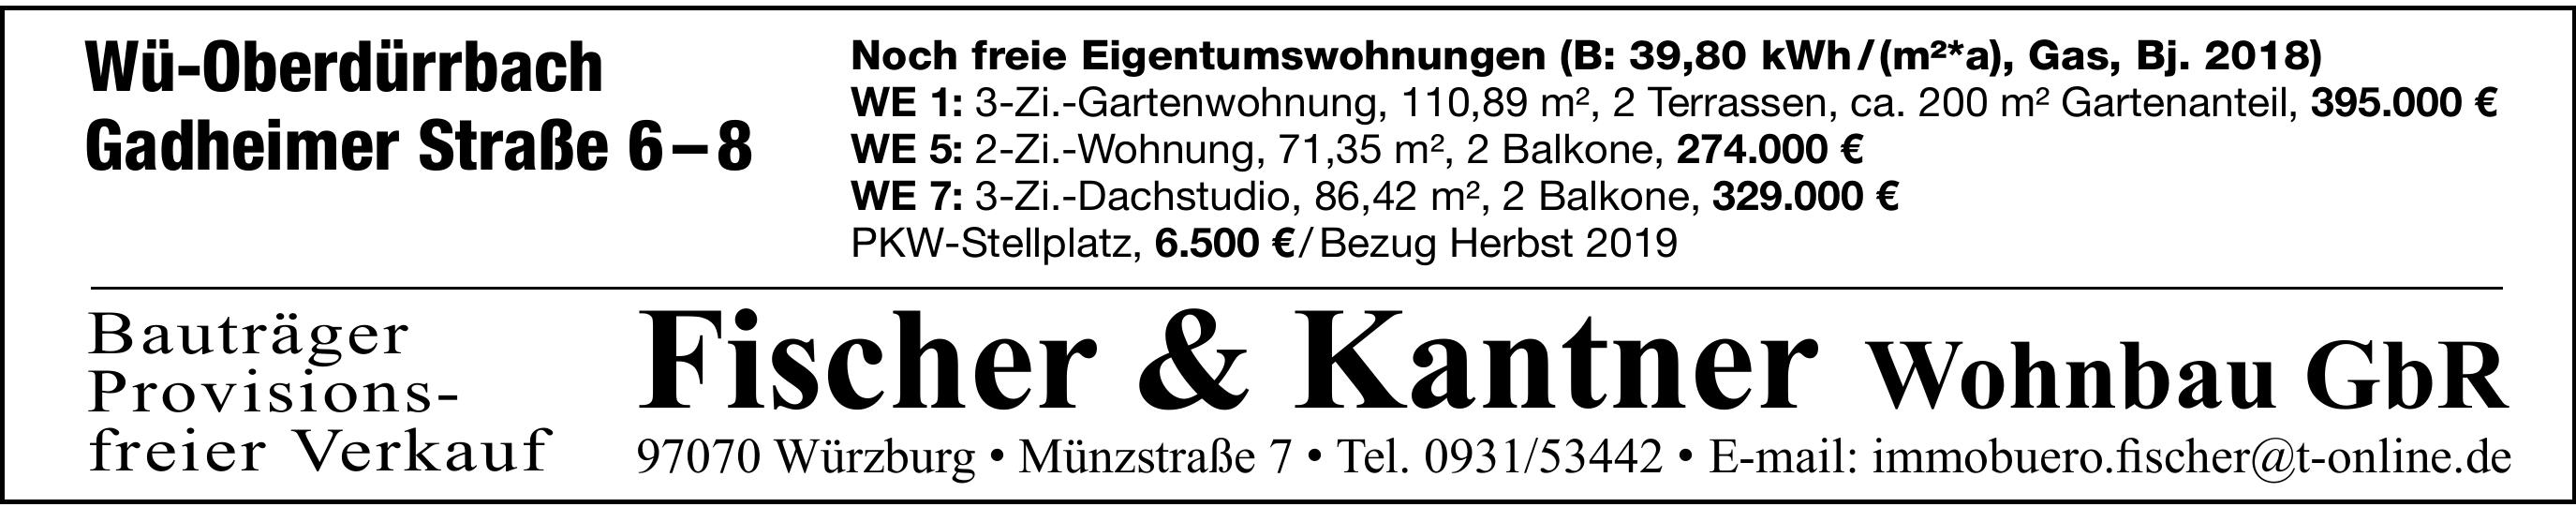 Fischer & Kantner Wohnbau GbR